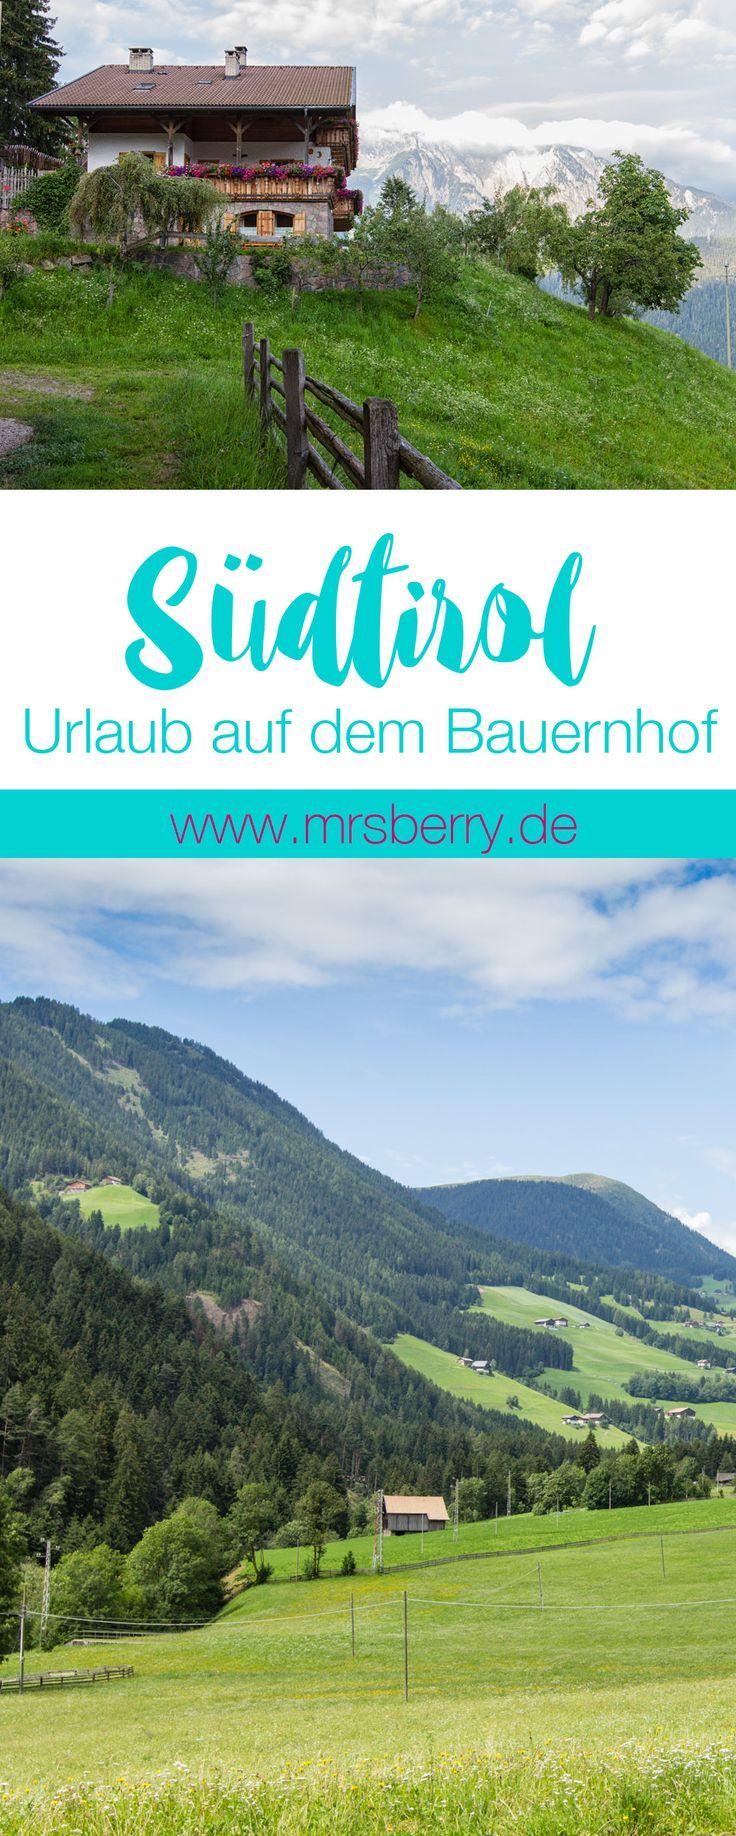 Südtirol mit Kind | Urlaub auf dem Bauernhof im wunderschönen Sarntal. | MrsBerry Familien- & Reiseblog http://.mrsberry.de